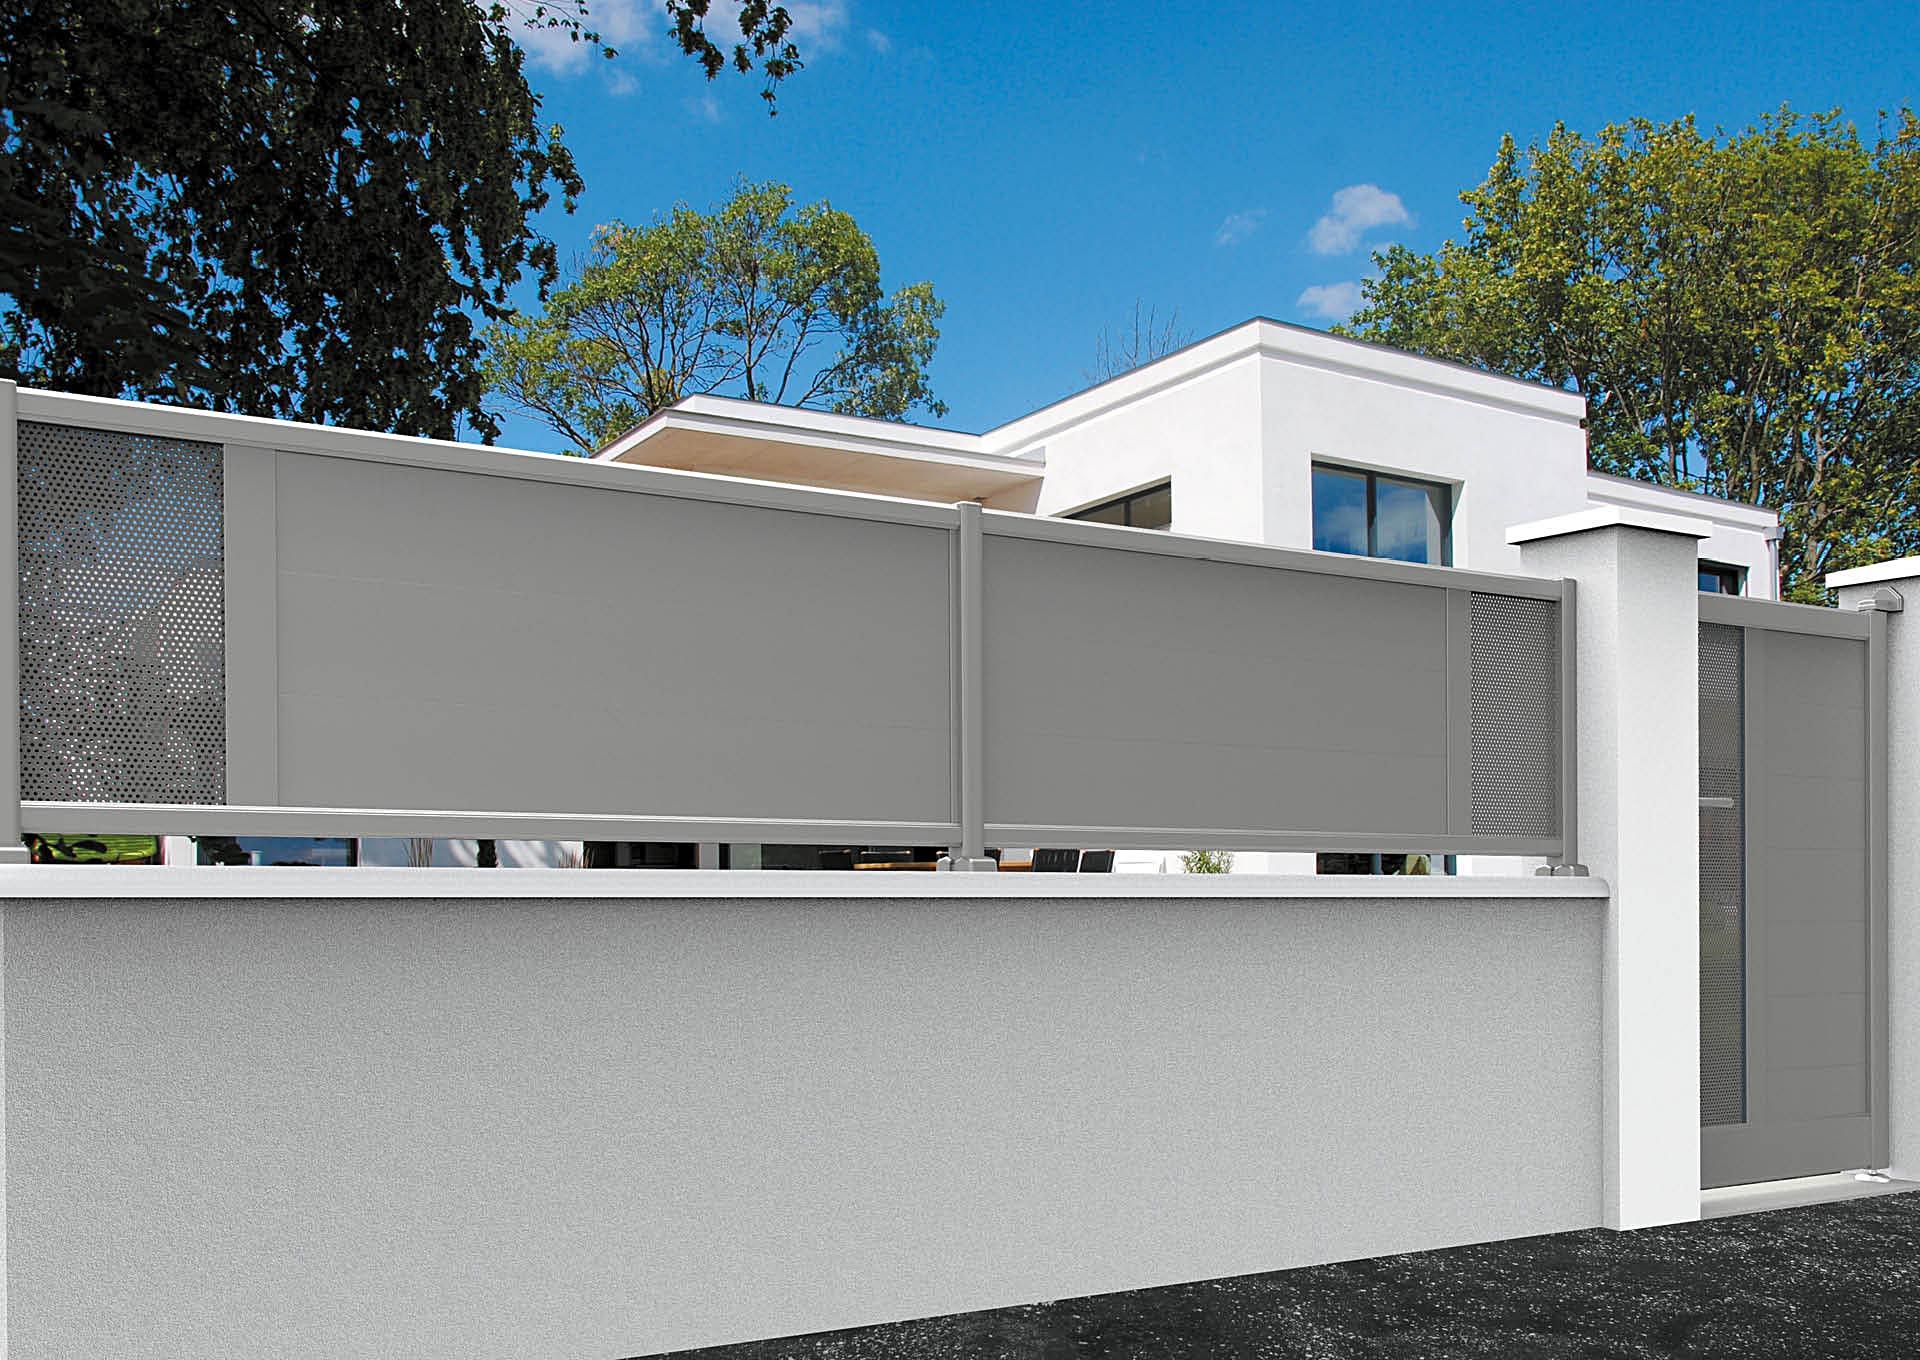 Clôture en aluminium 9013_CL_P2TP Lames horizontales 200mm + décor tôle perforée